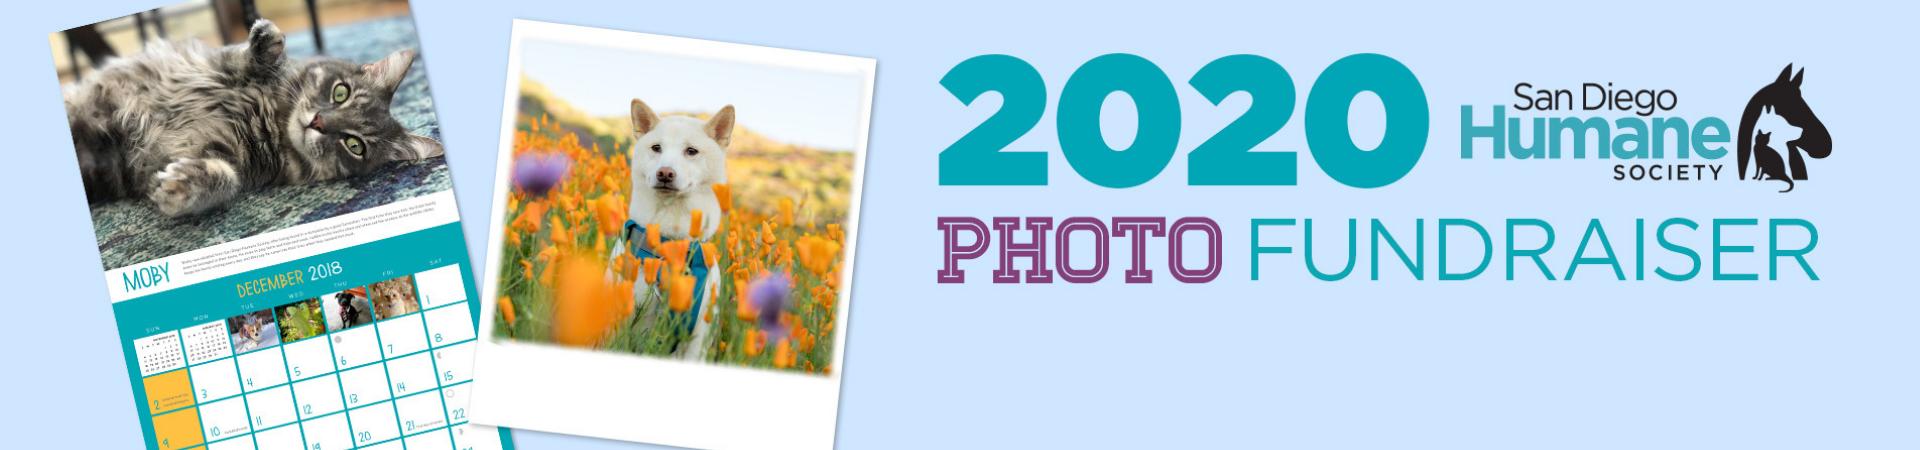 Photo Fundraiser Banner, Calendar